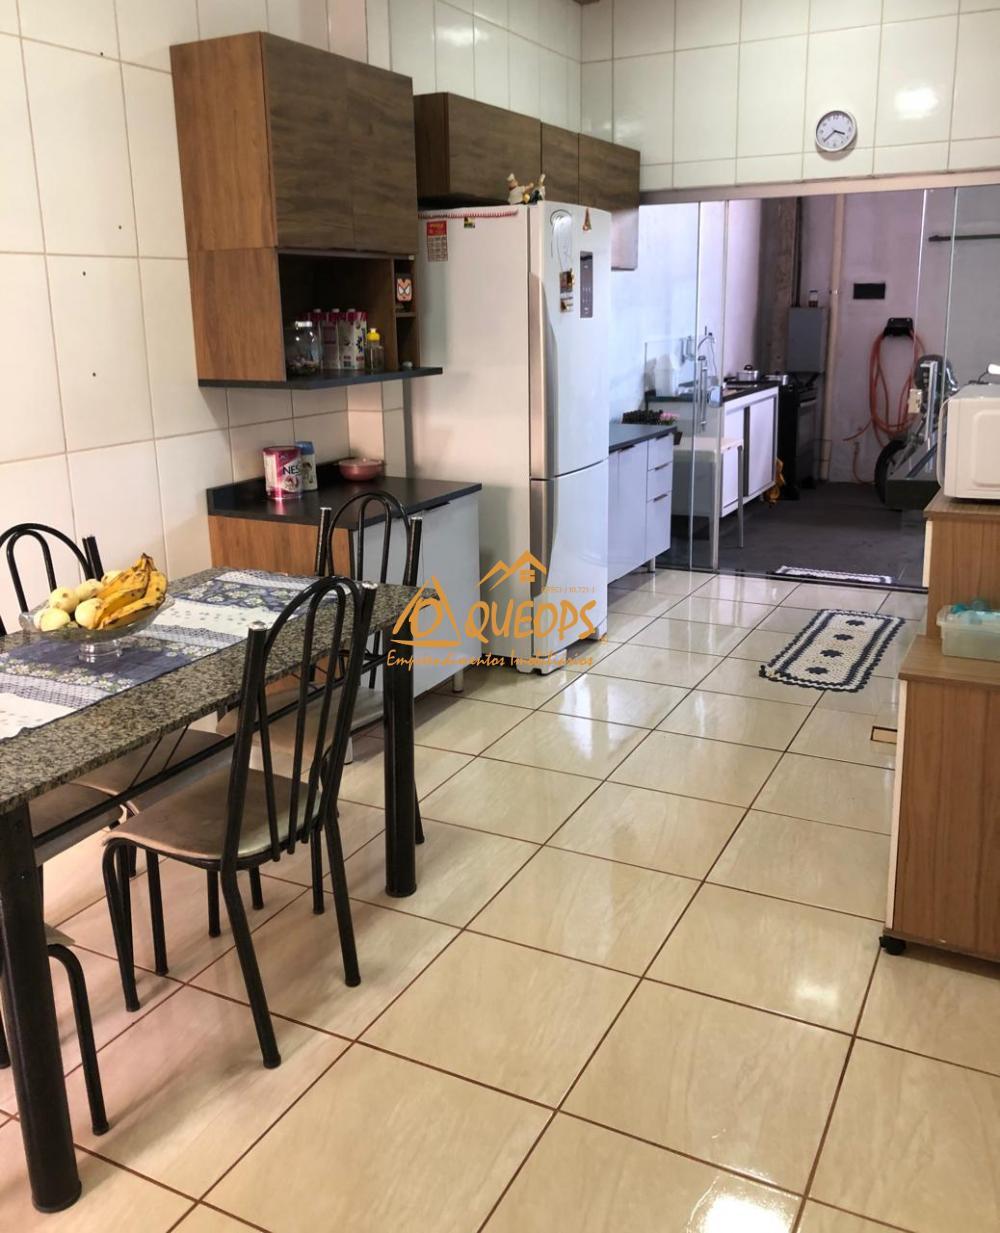 Comprar Casa / Padrão em Barretos R$ 250.000,00 - Foto 9